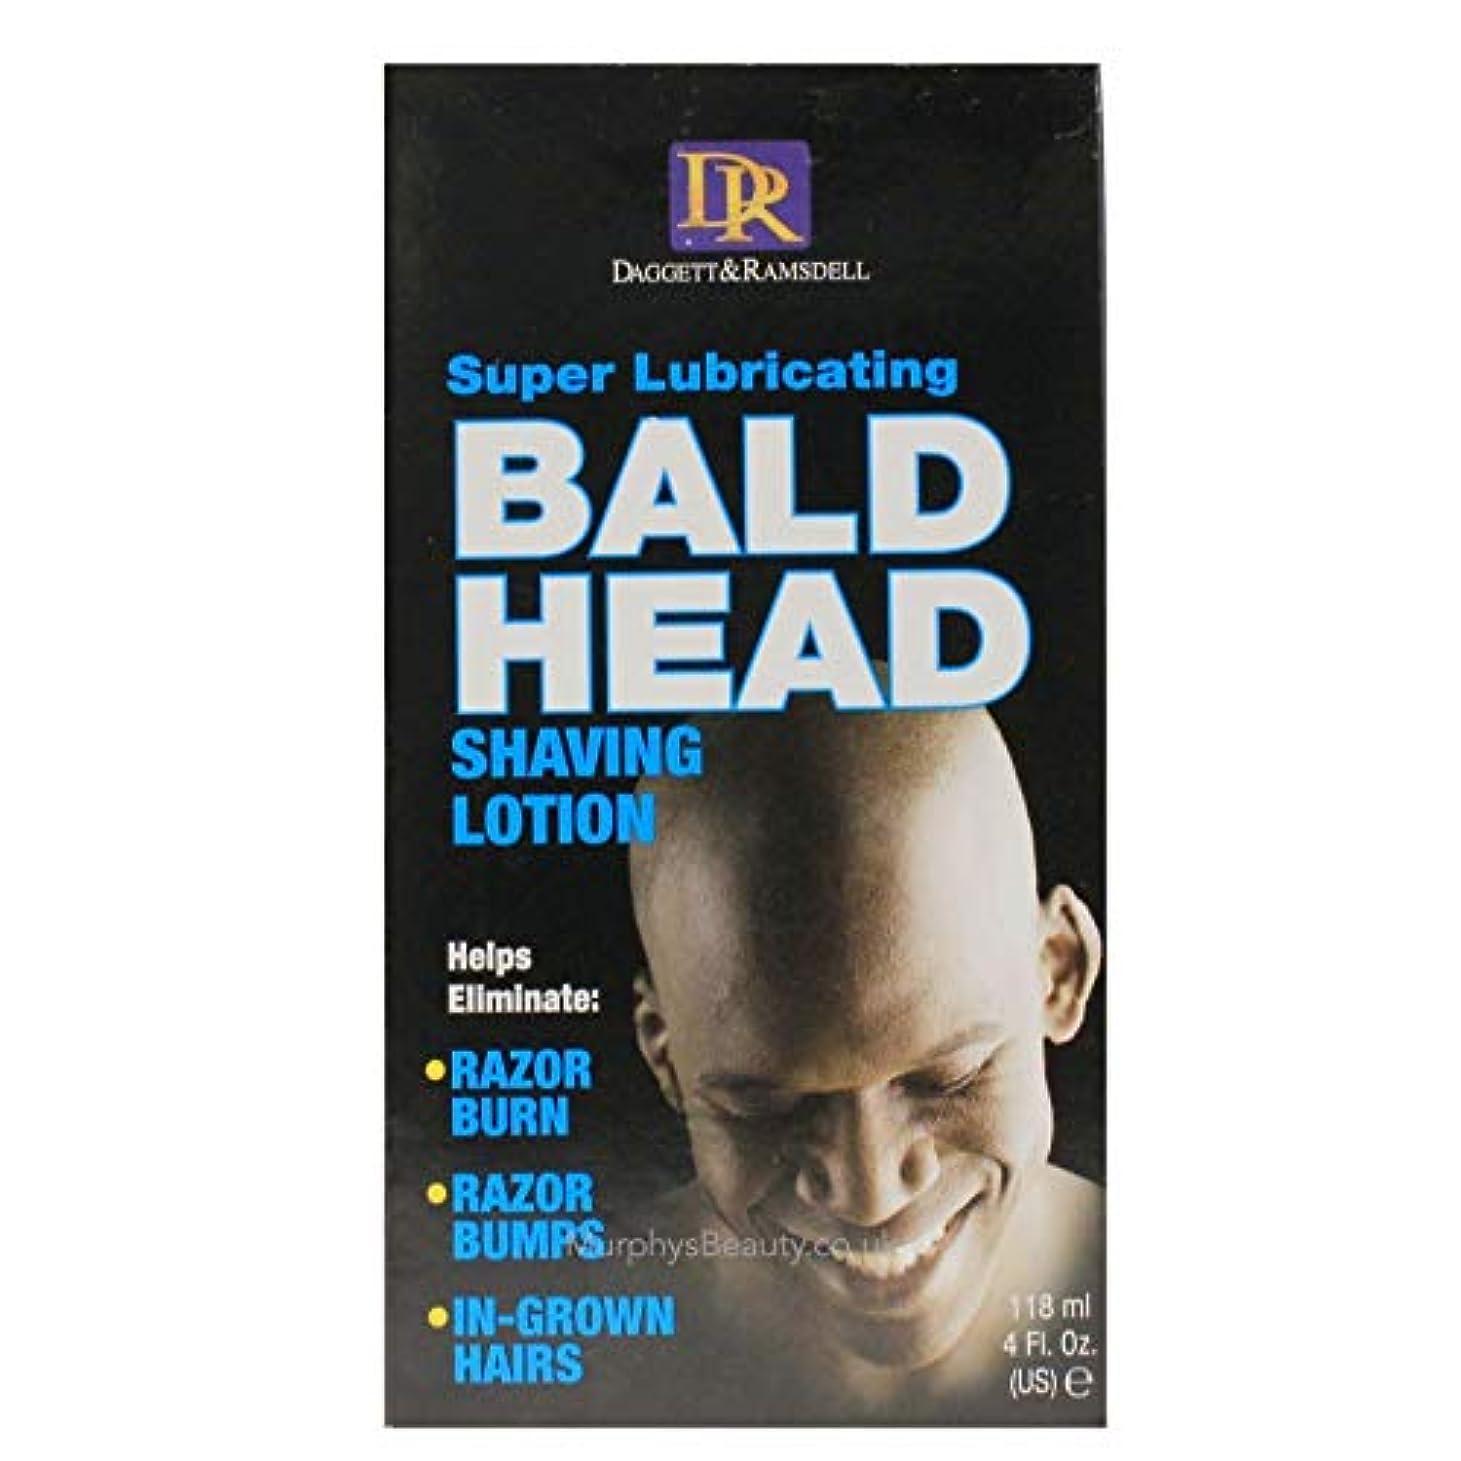 歯車伝染性のグレーDaggett & Ramsdell Super Lubricating Bald Head Shaving Lotion Hair Removal Products (並行輸入品)